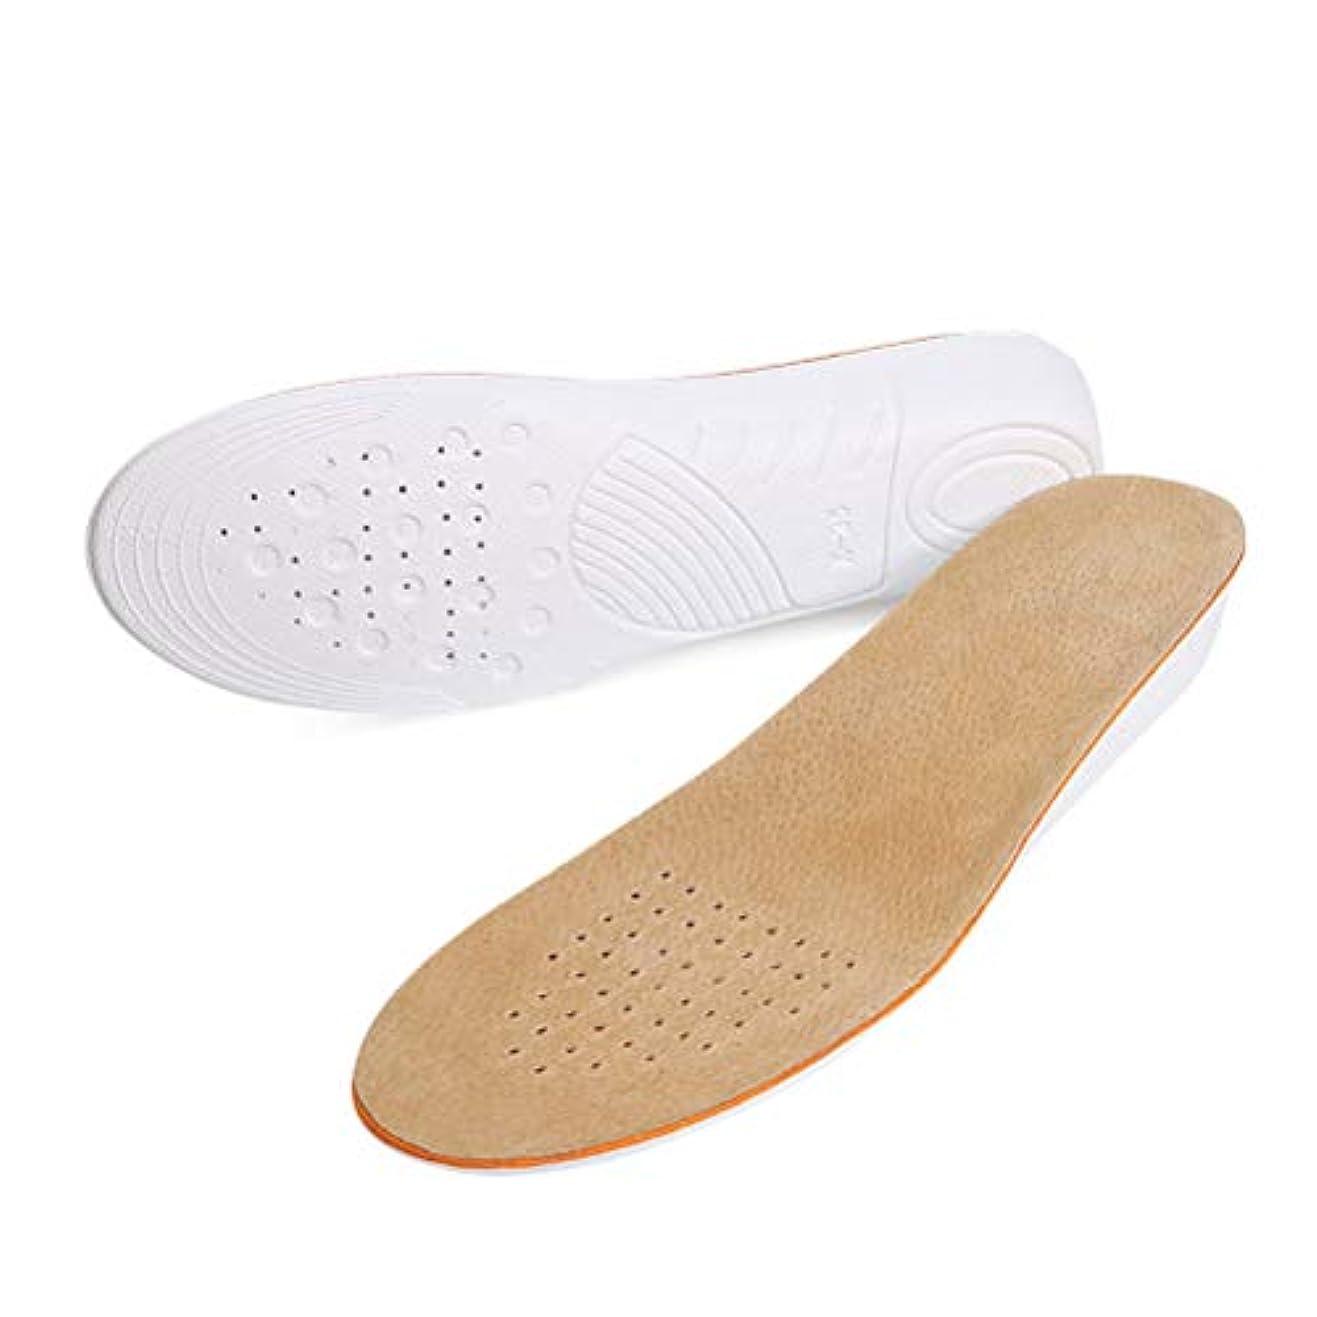 ショルダー同性愛者句読点HEALILY身長を増やすインソールの靴調節可能なソールの中敷の挿入物スポーツの靴パッドの靴の挿入物の靴アクセサリー - サイズS